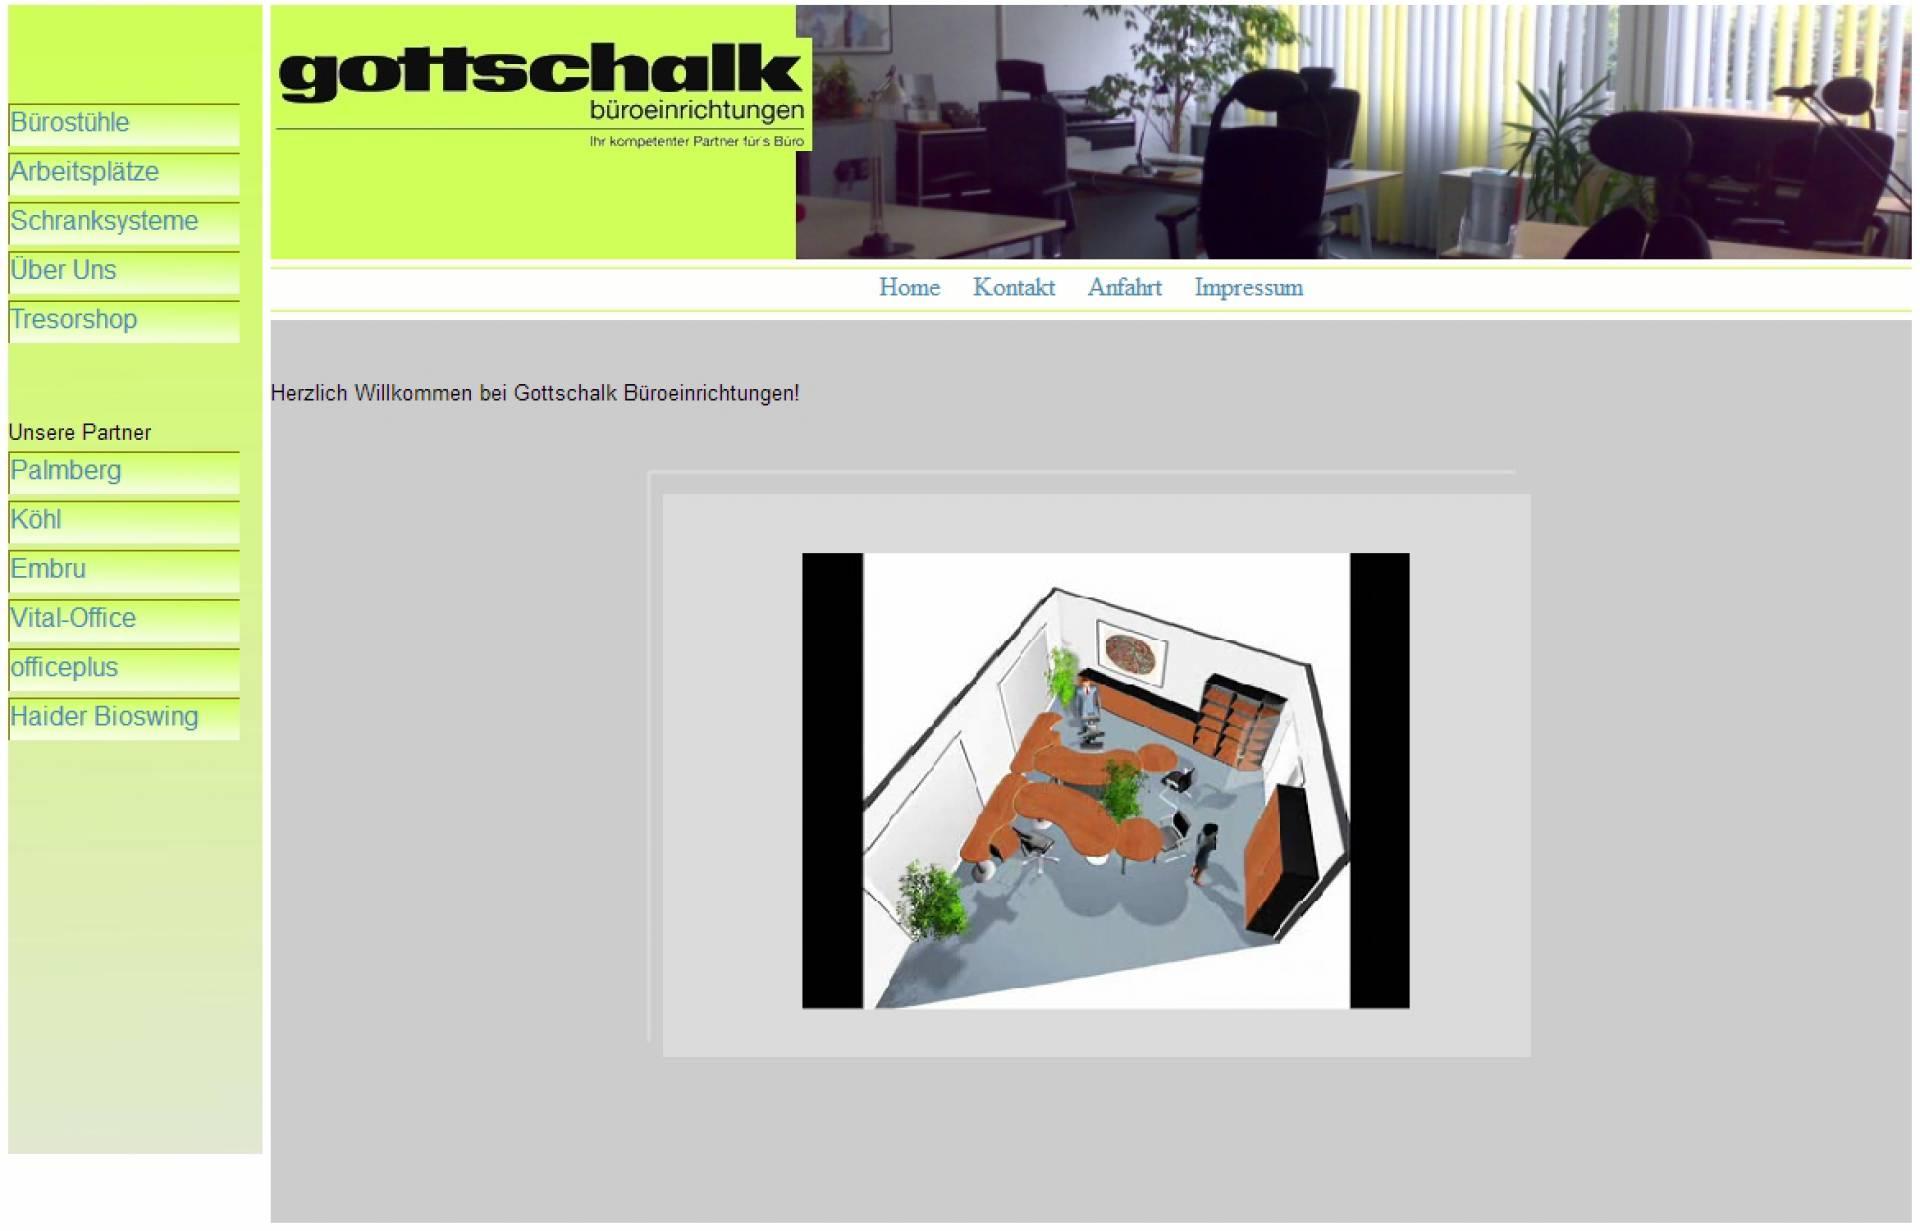 D65201 - Franz Gottschalk GmbH - Vital-Office